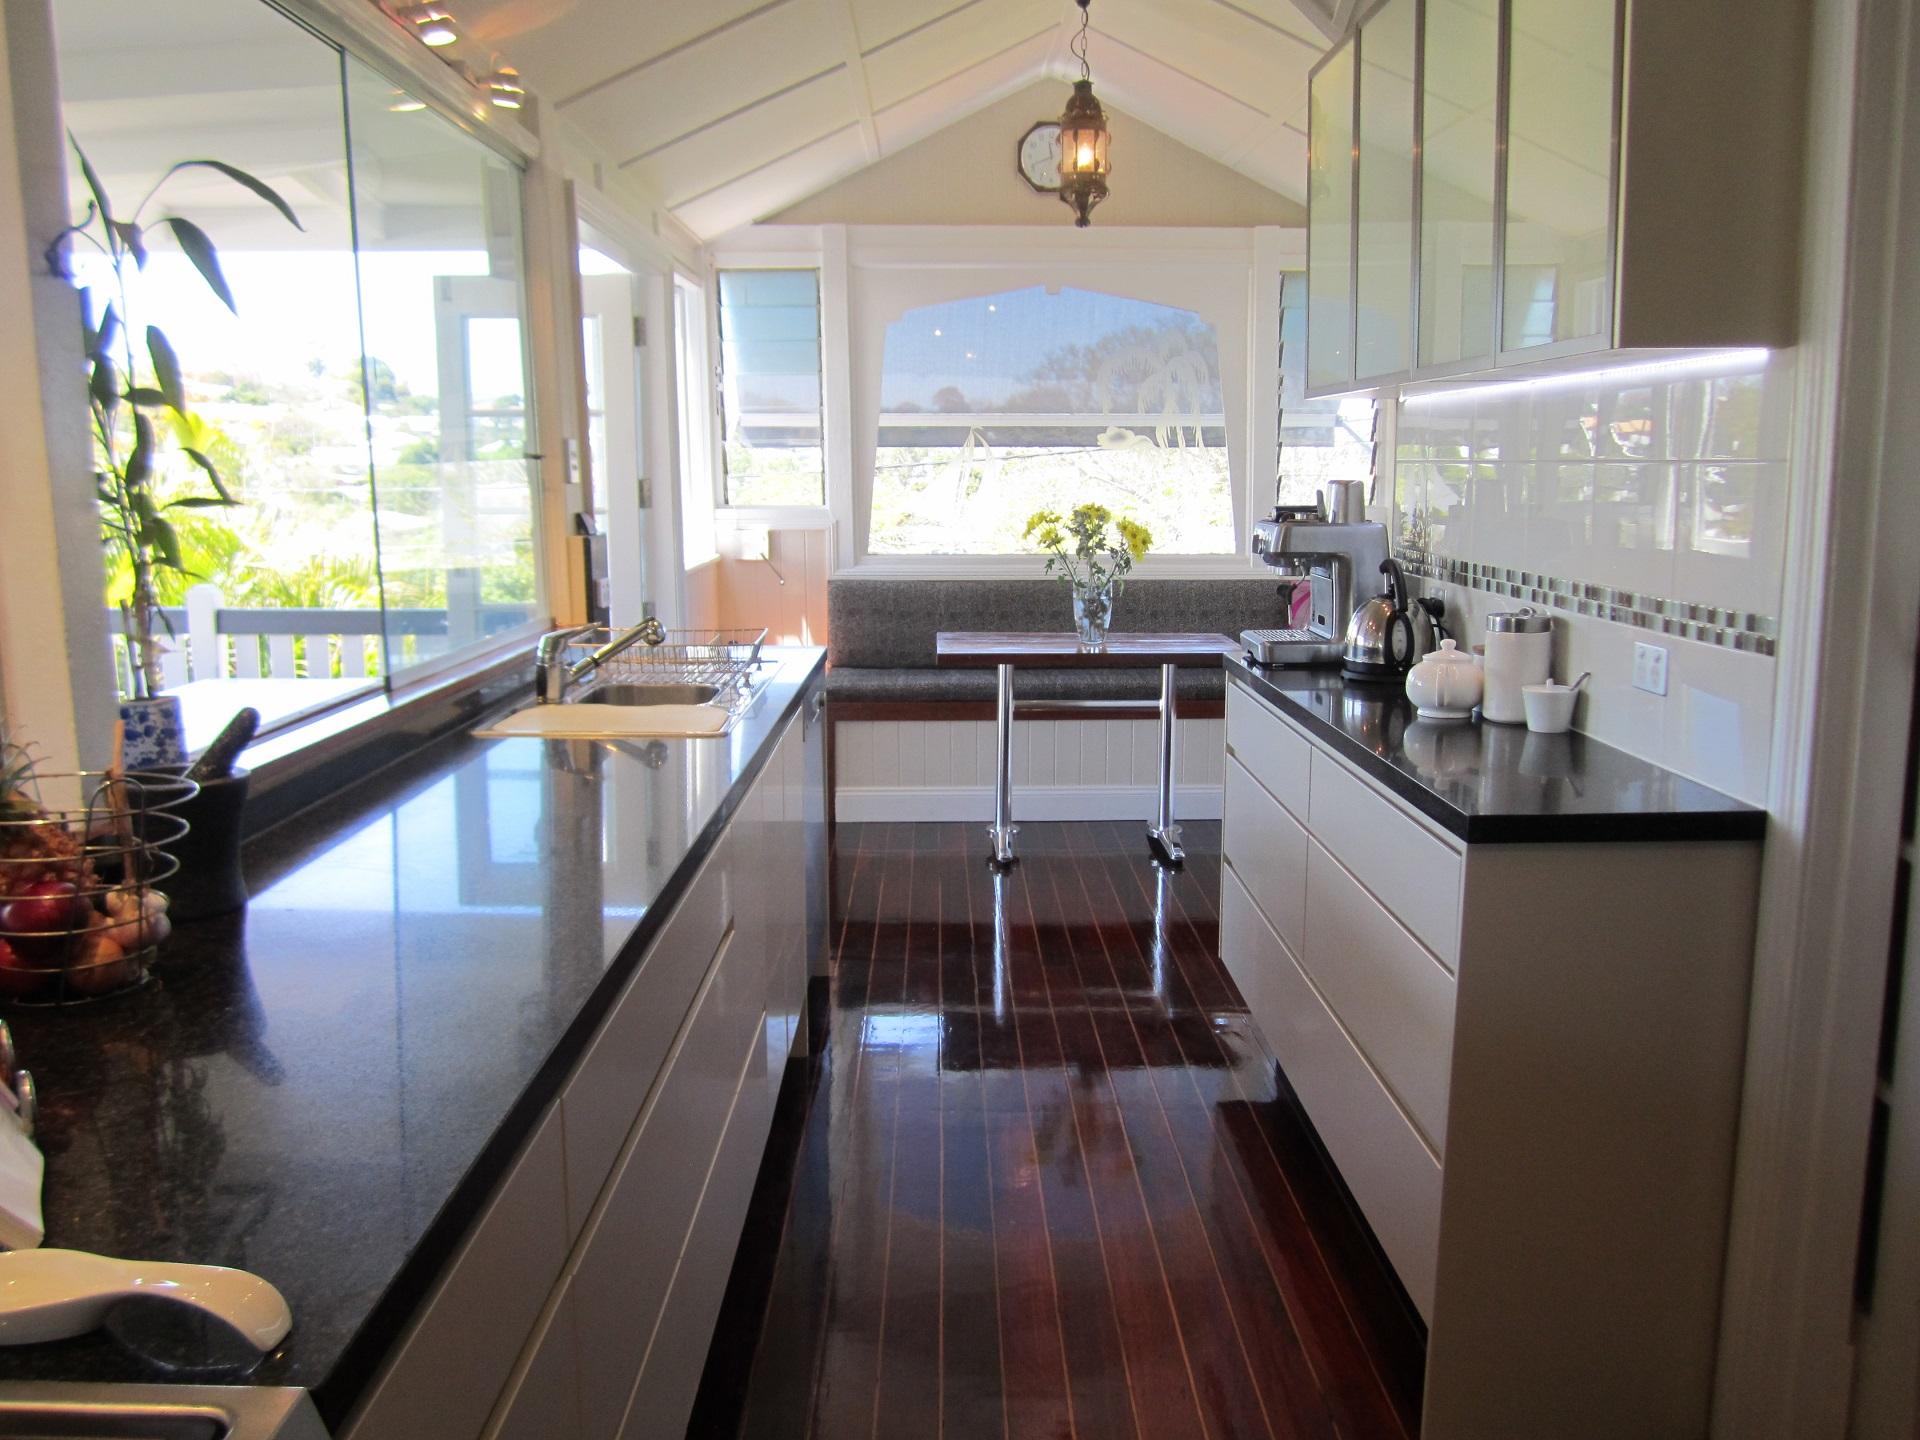 brisbane-kitchen-renovation-wilston-contemporary-kitchen-8